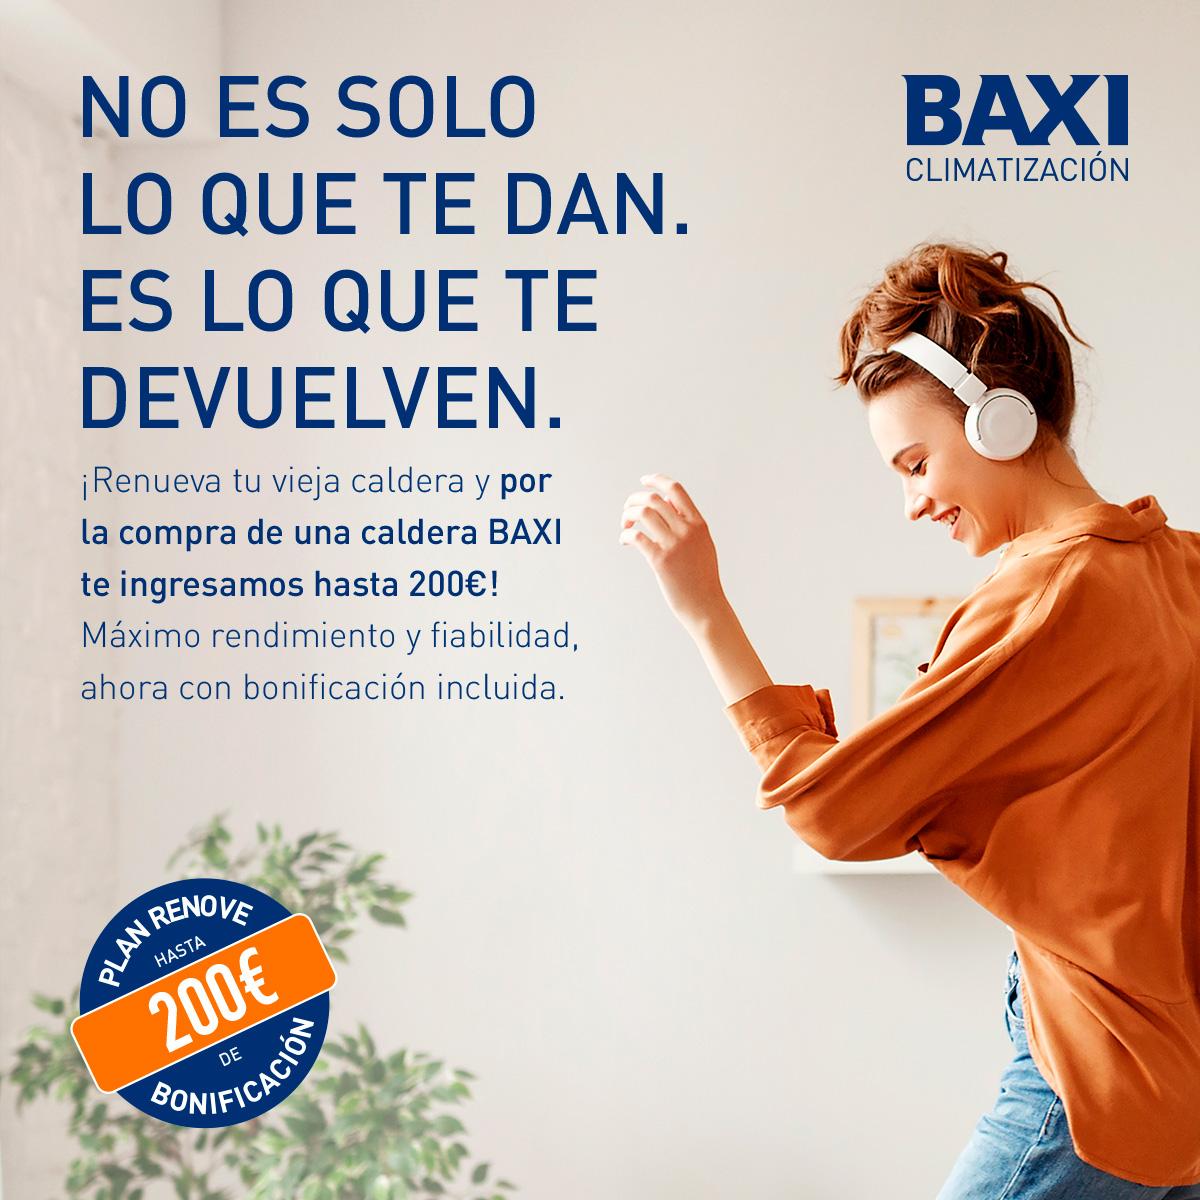 Plan renove de Baxi con reembolso de hasta 200€